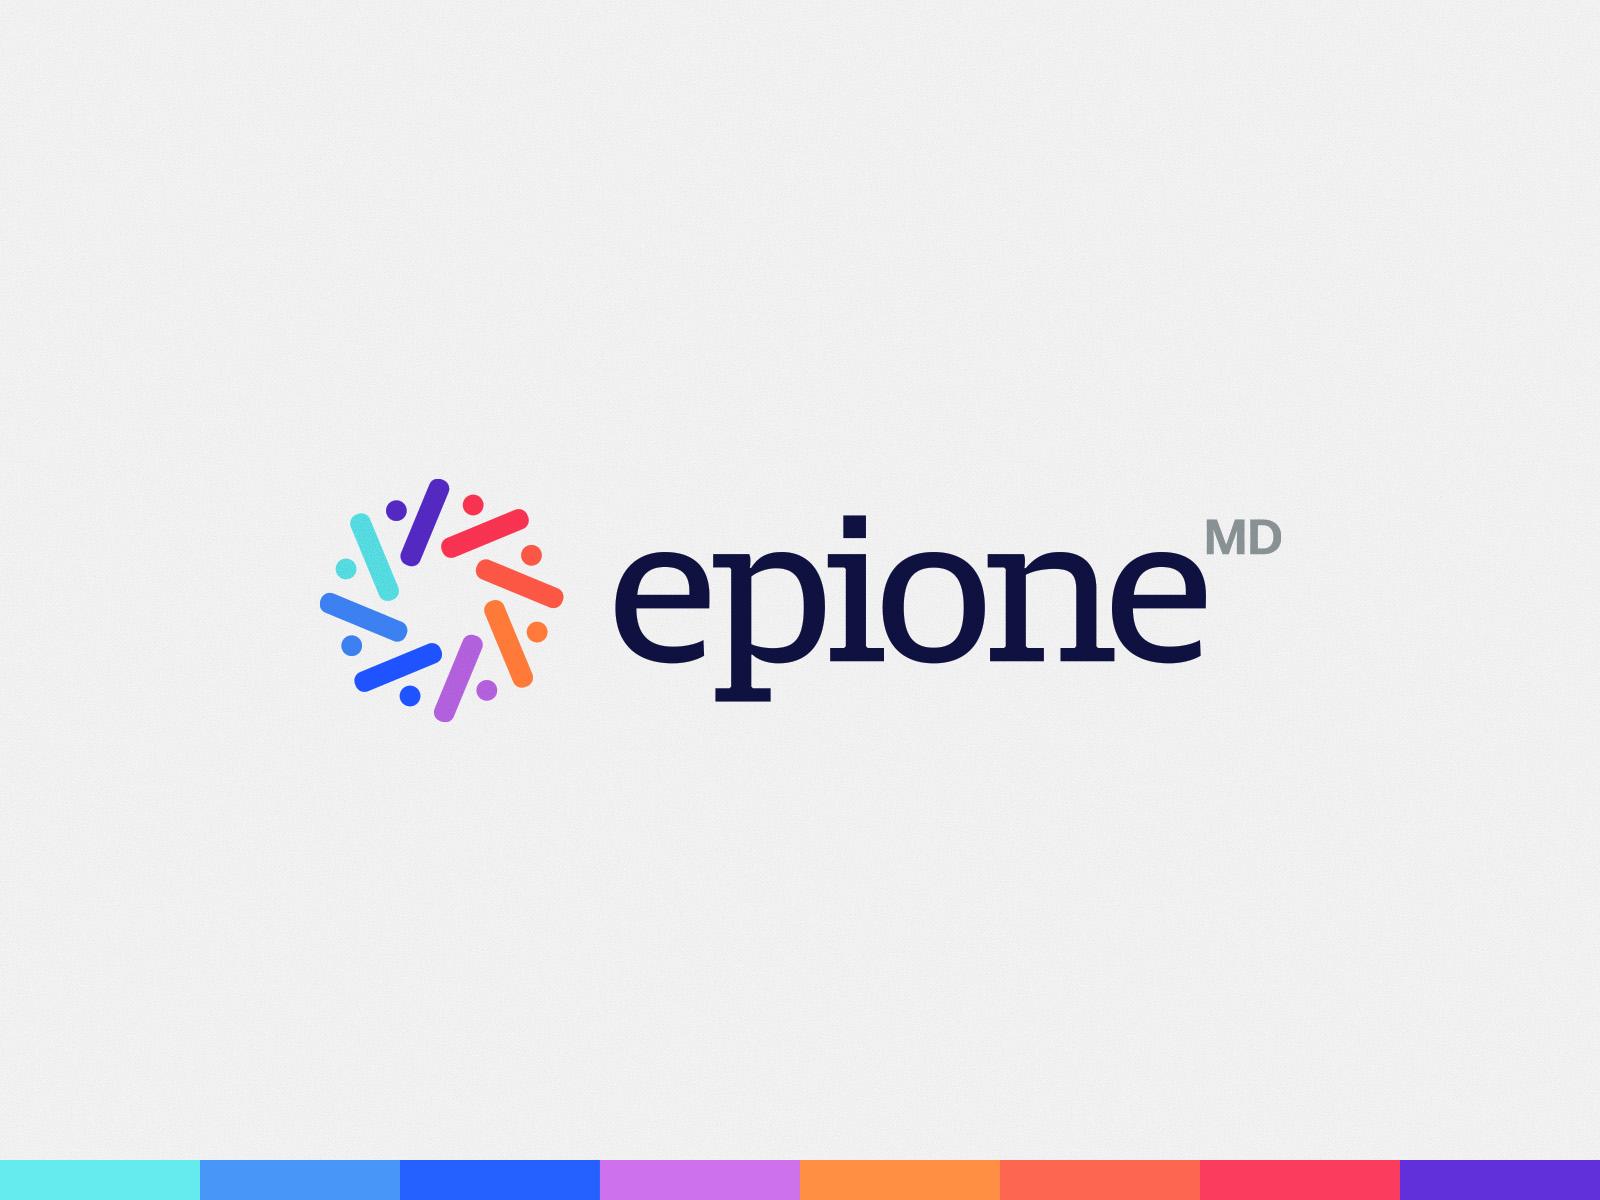 Epione MD